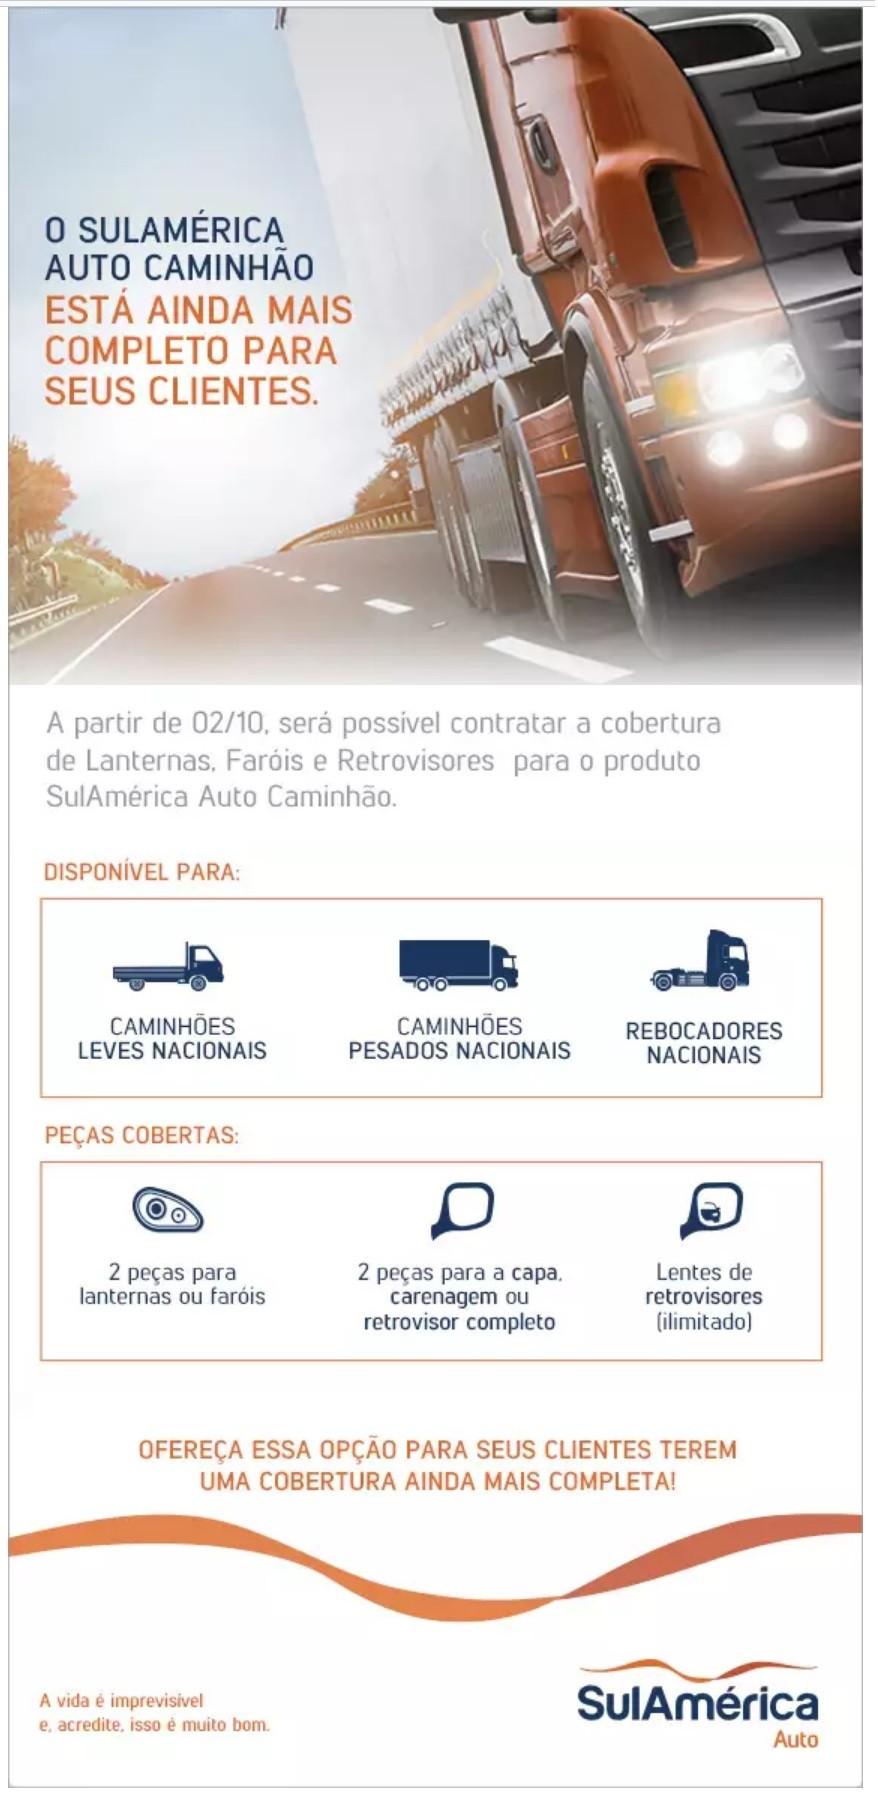 Seguro Auto Caminhão SulAmérica, SulAmérica, Seguro de Caminhão, Unionseg. Corretora de Seguros